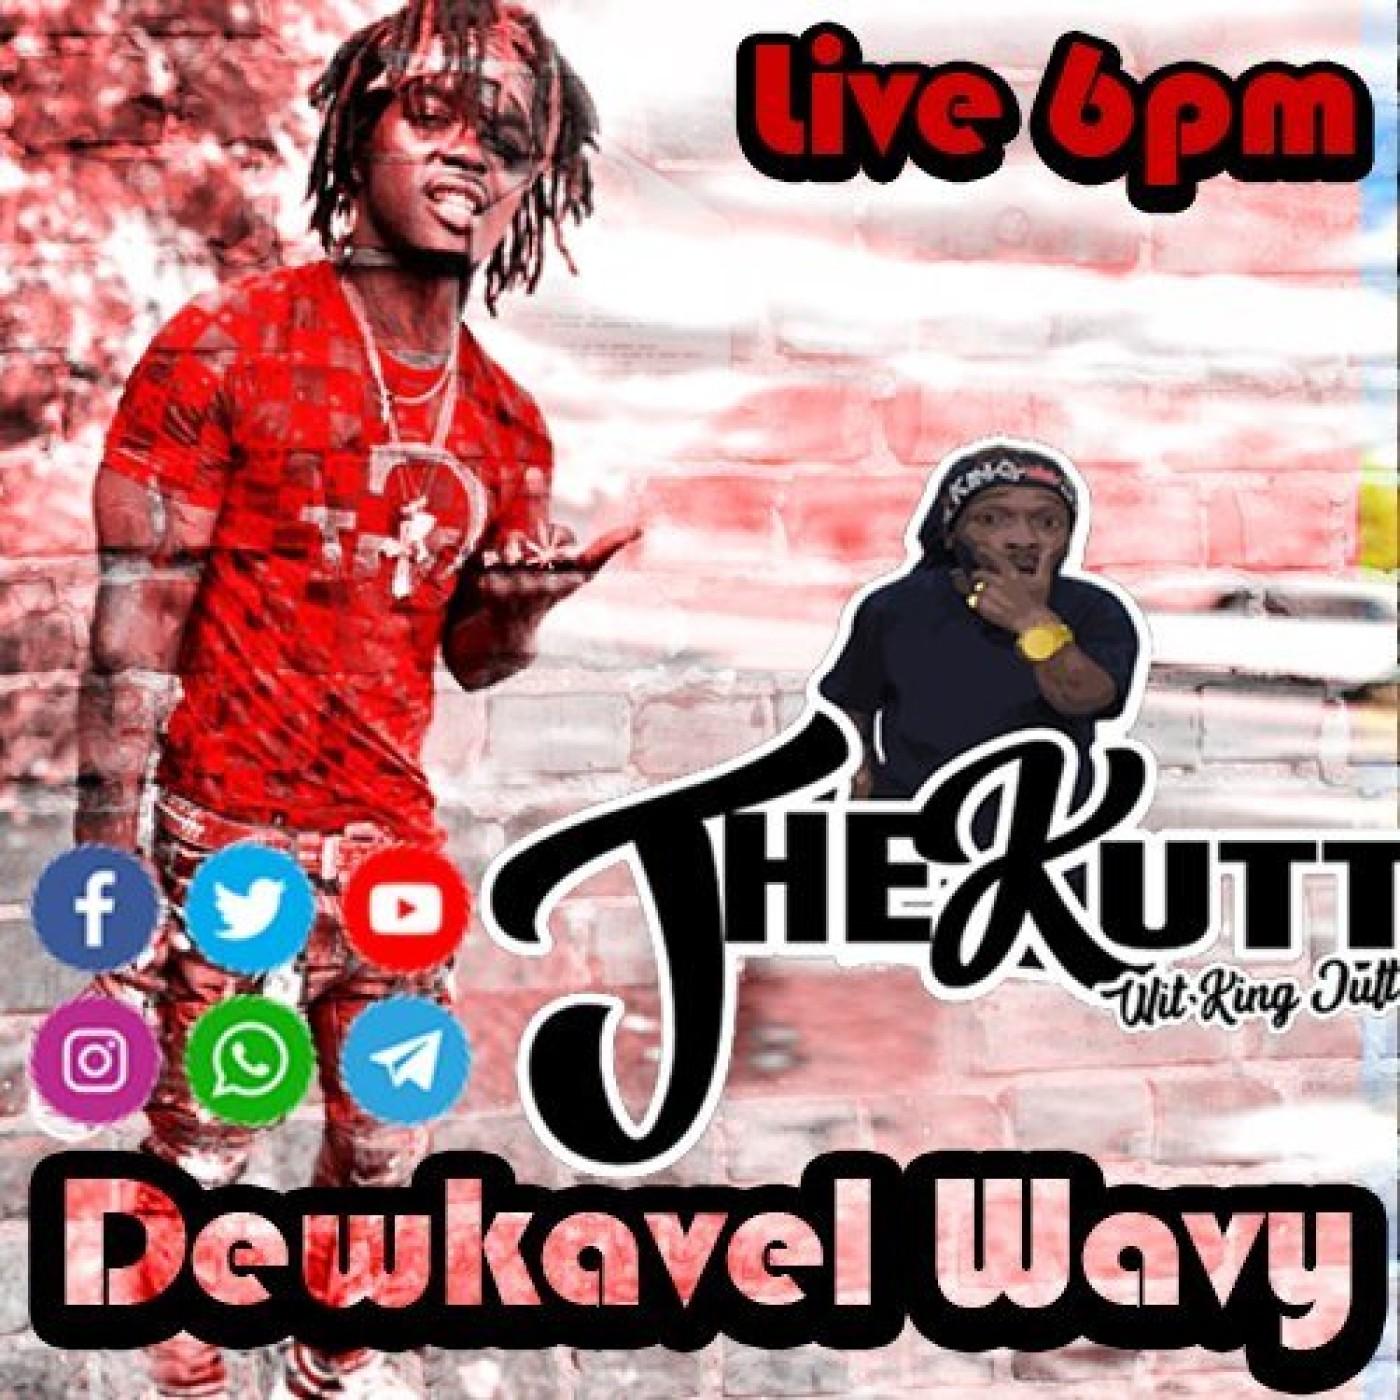 The Kutt wit King Jutt Episode 15 wit Dewkavel Wavy